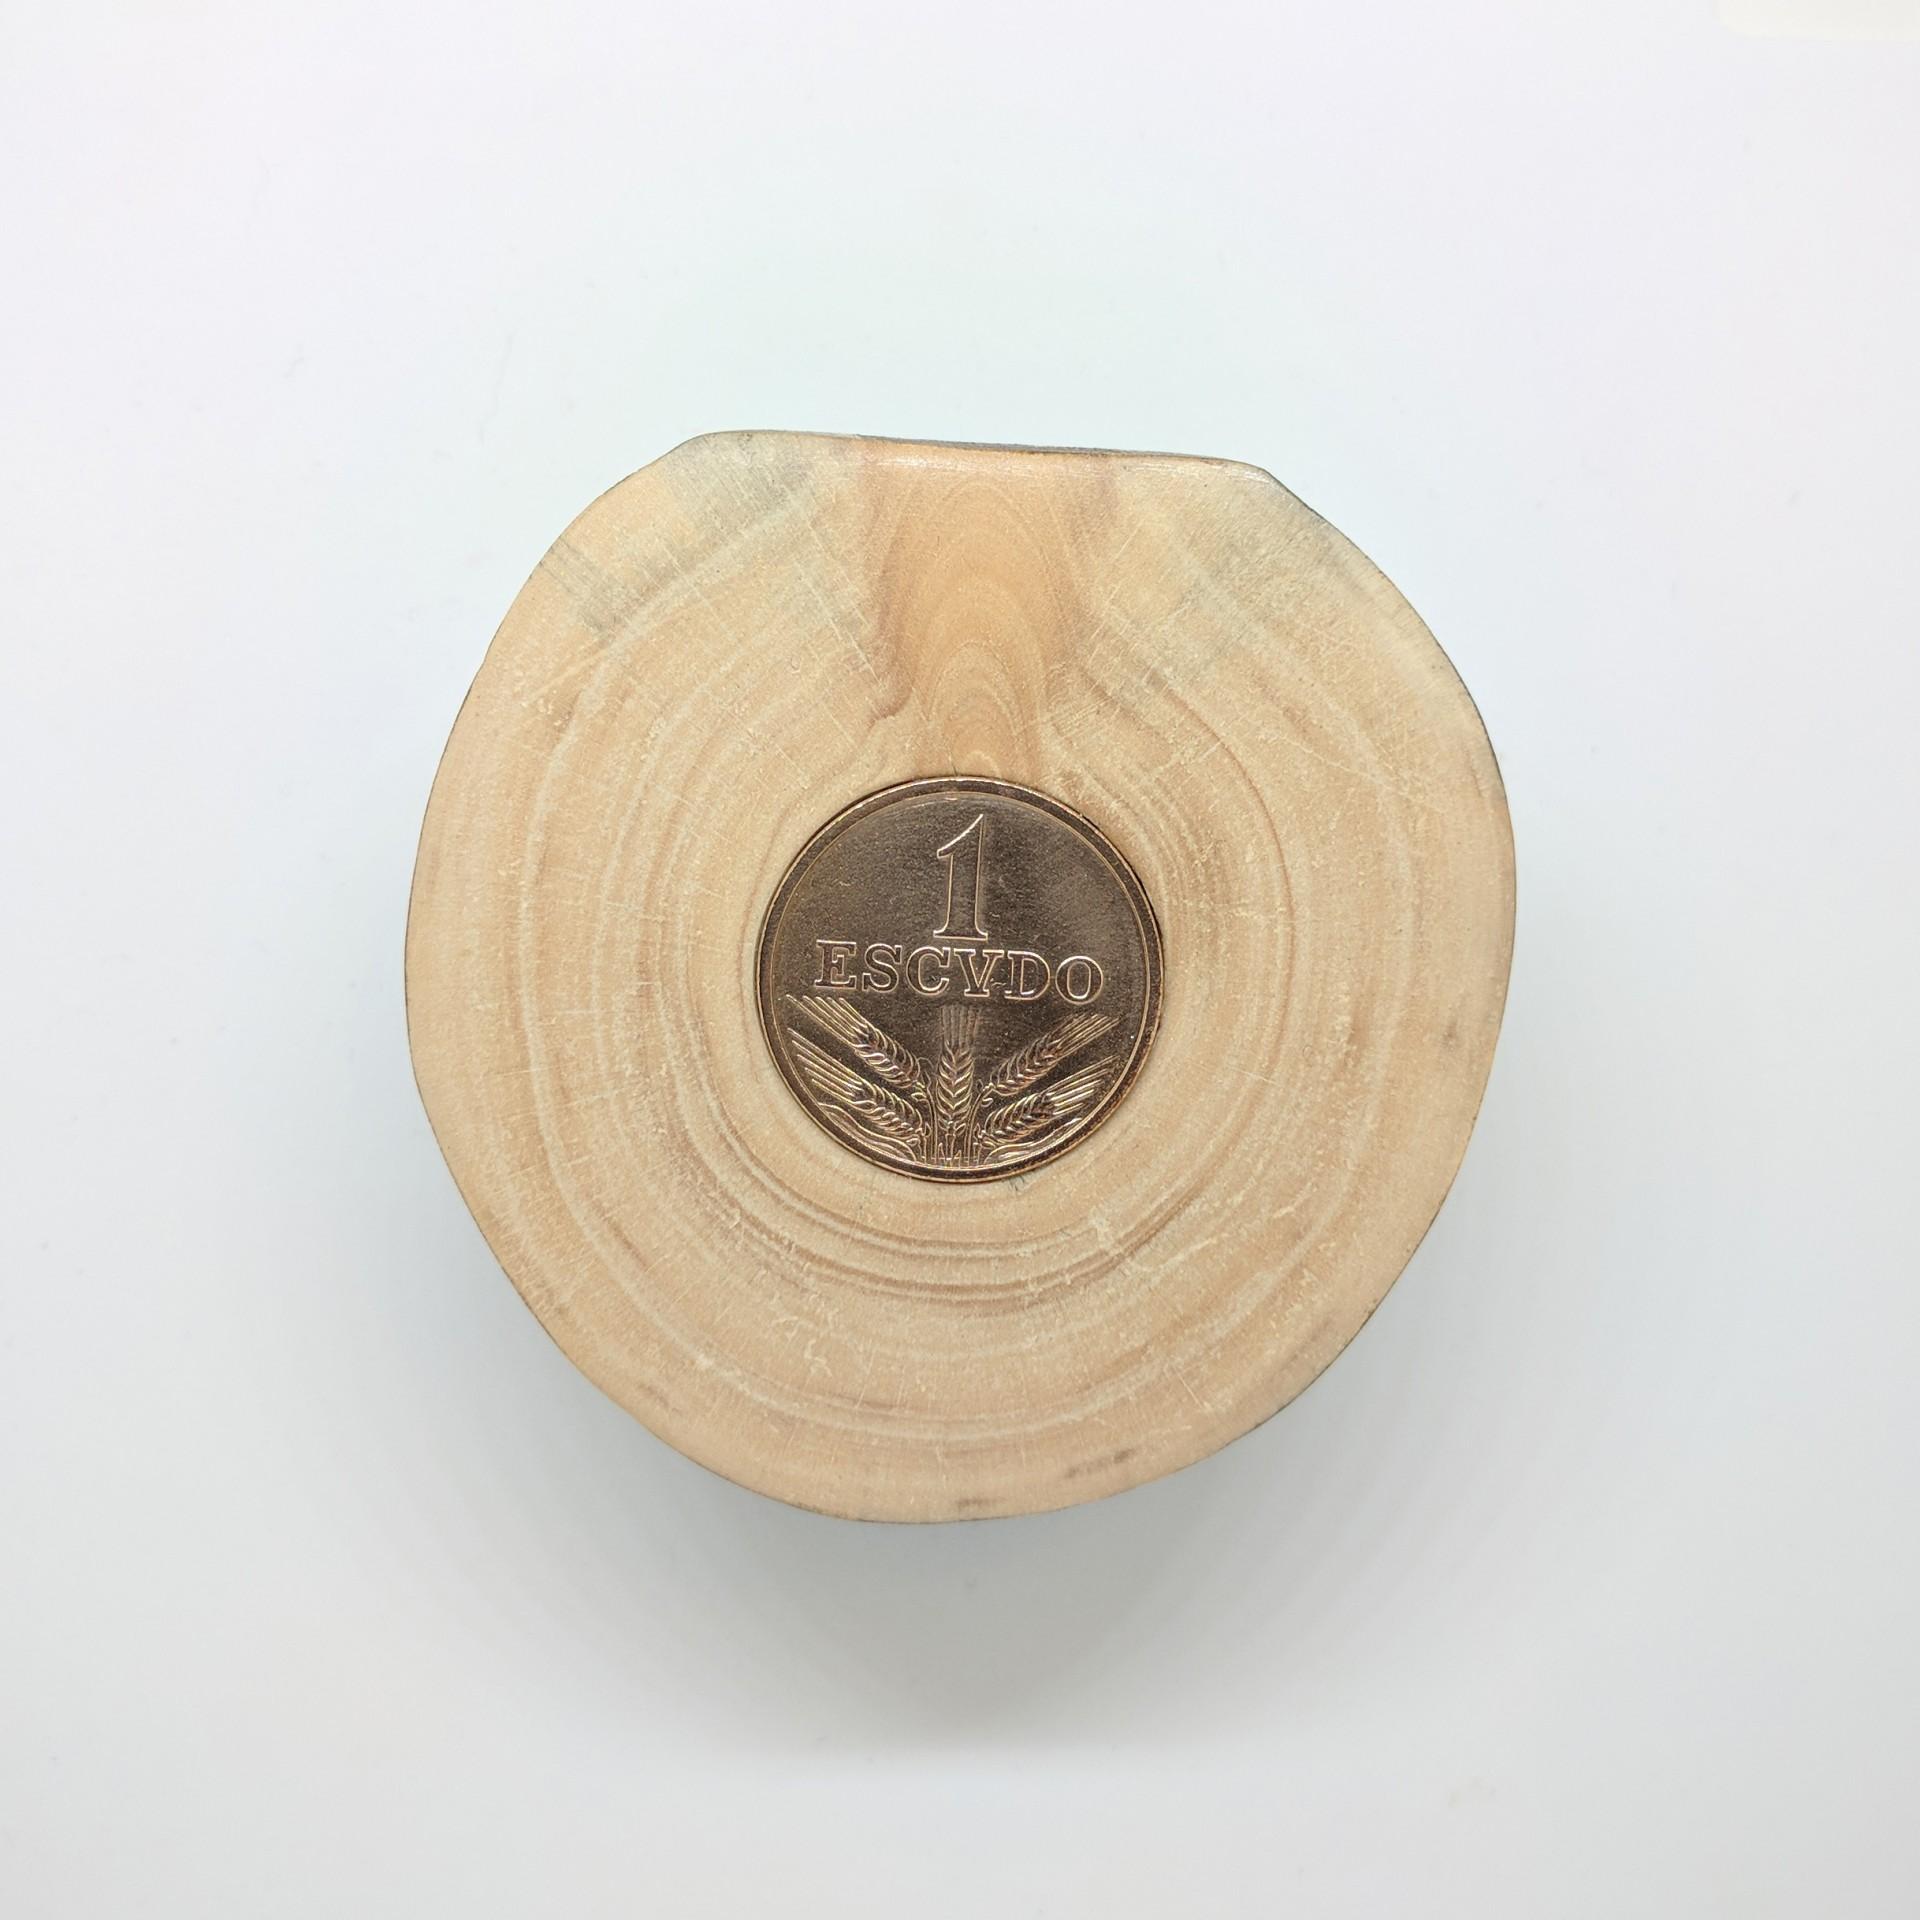 Pisa-papel 1$ Escudo